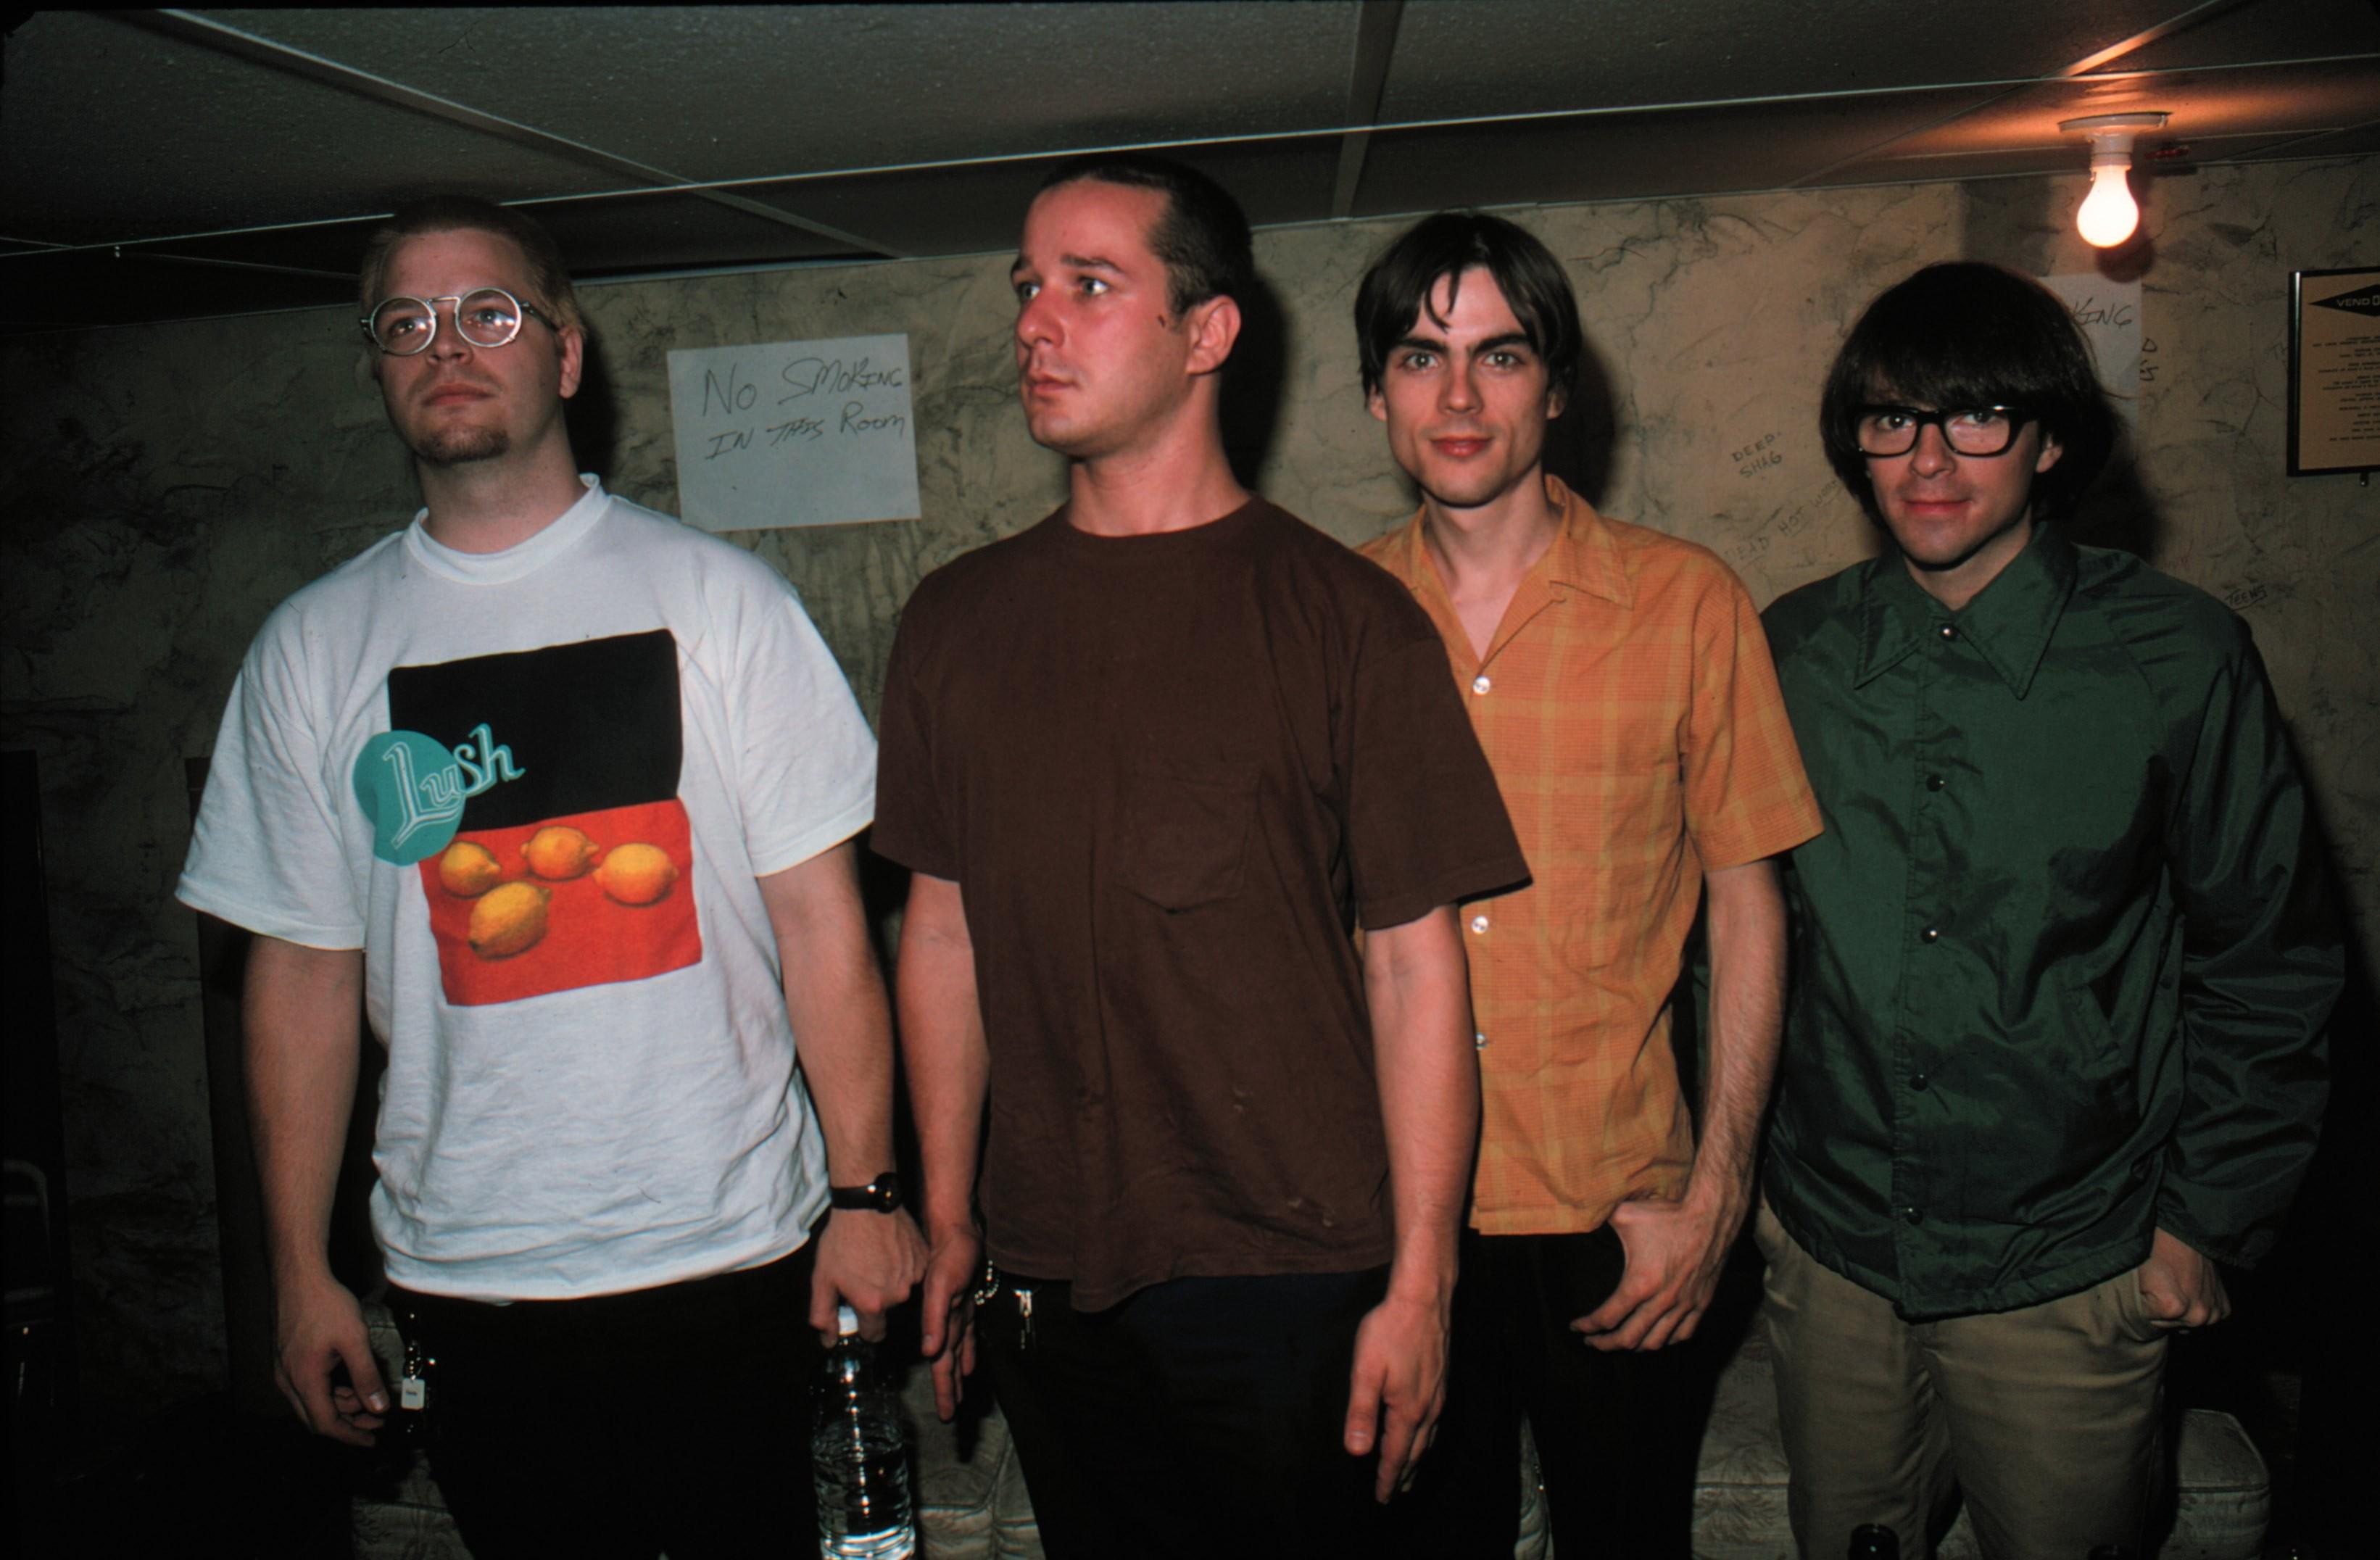 Weezer Portrait Session